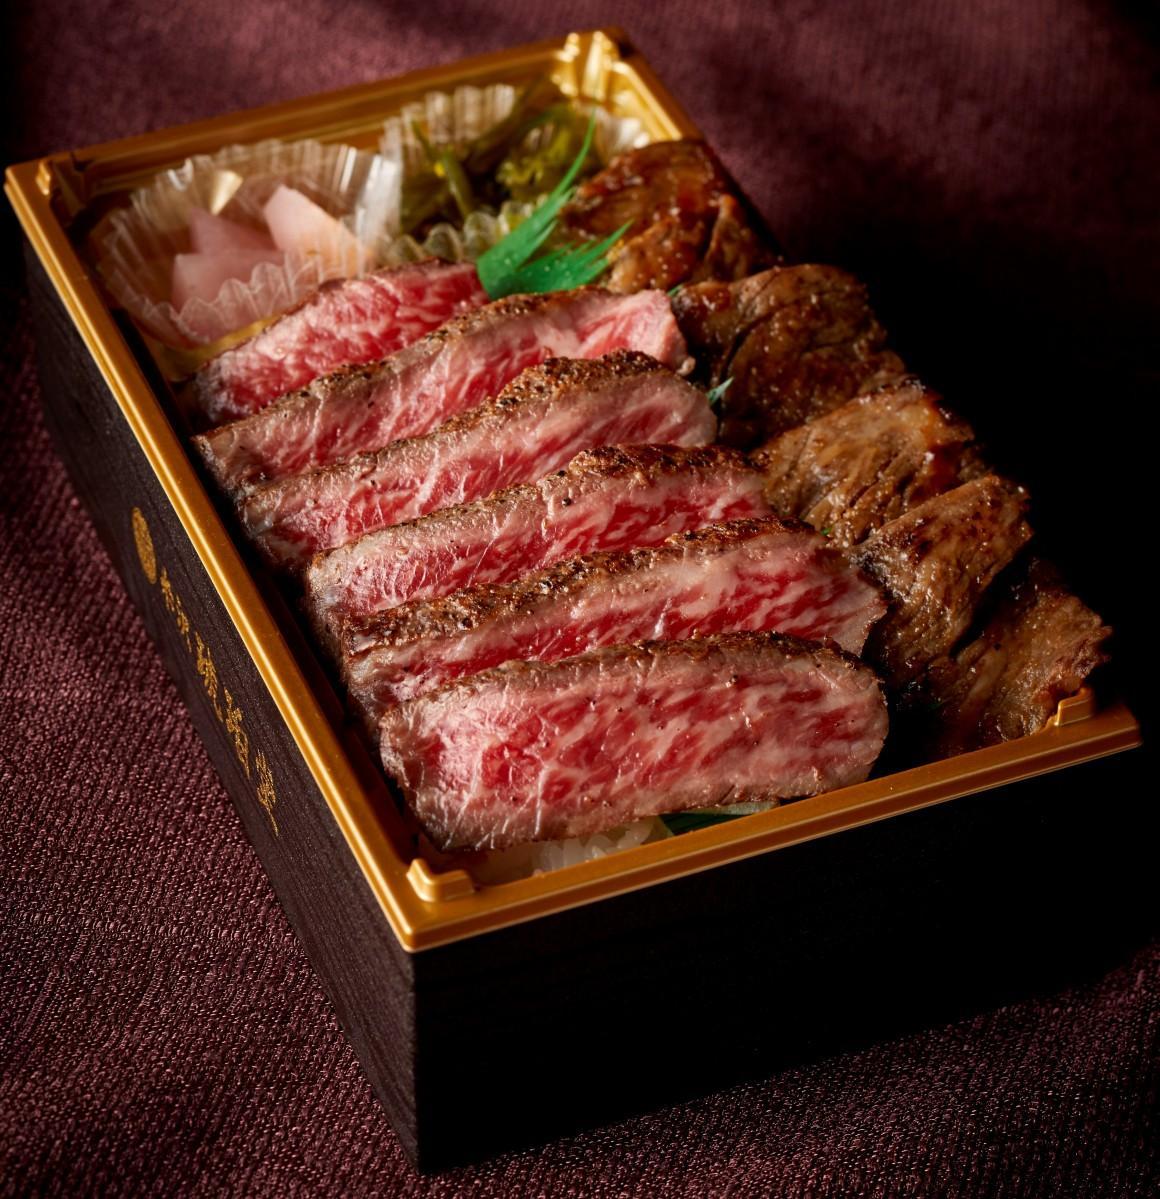 「米沢 琥珀堂」の「米沢牛ステーキ&カルビ弁当」